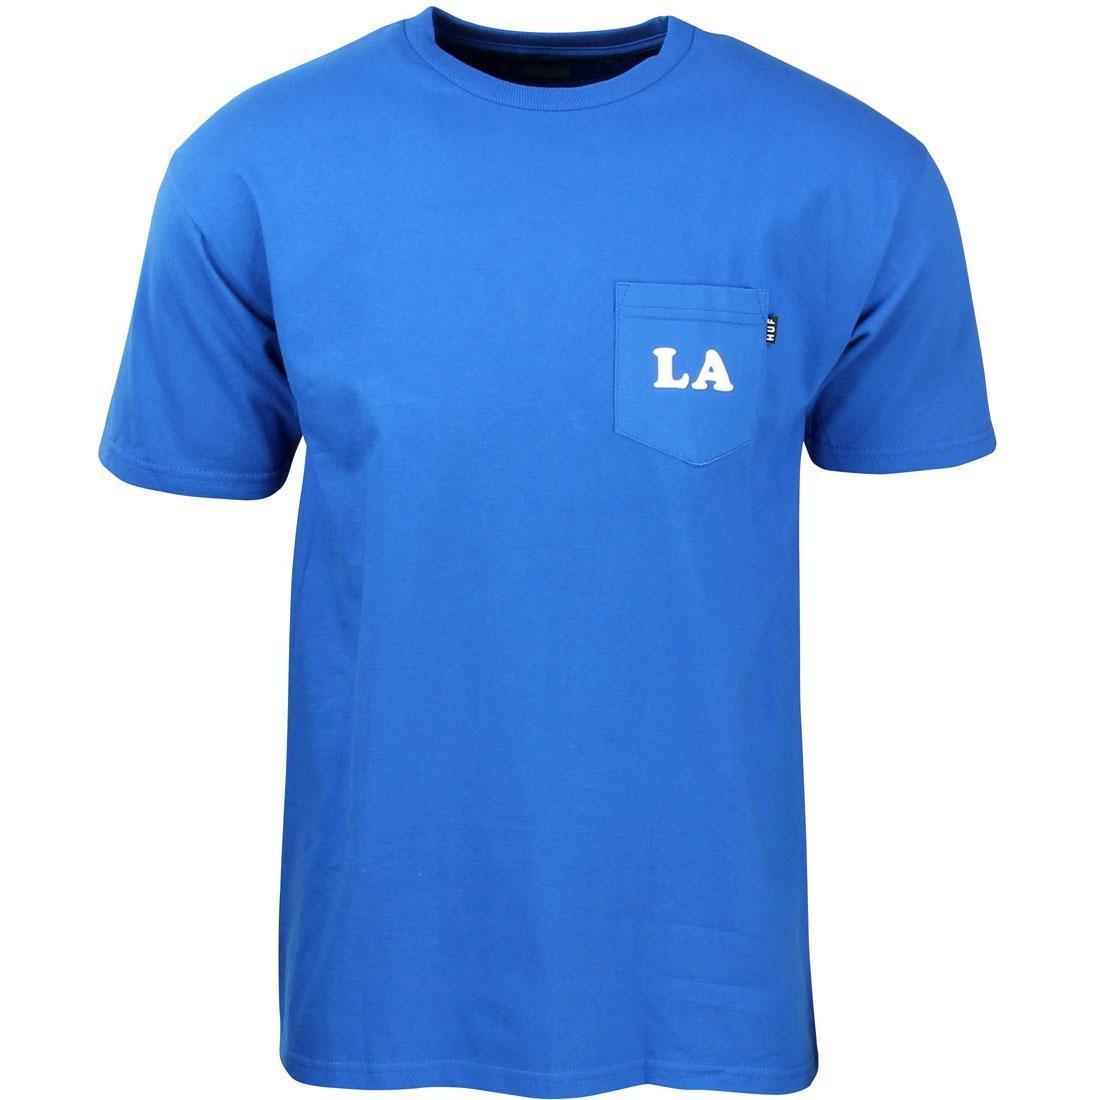 HUF ハフ Tシャツ 青 ブルー 【 HUF BLUE MEN CITIES POCKET TEE ROYAL 】 メンズファッション トップス Tシャツ カットソー